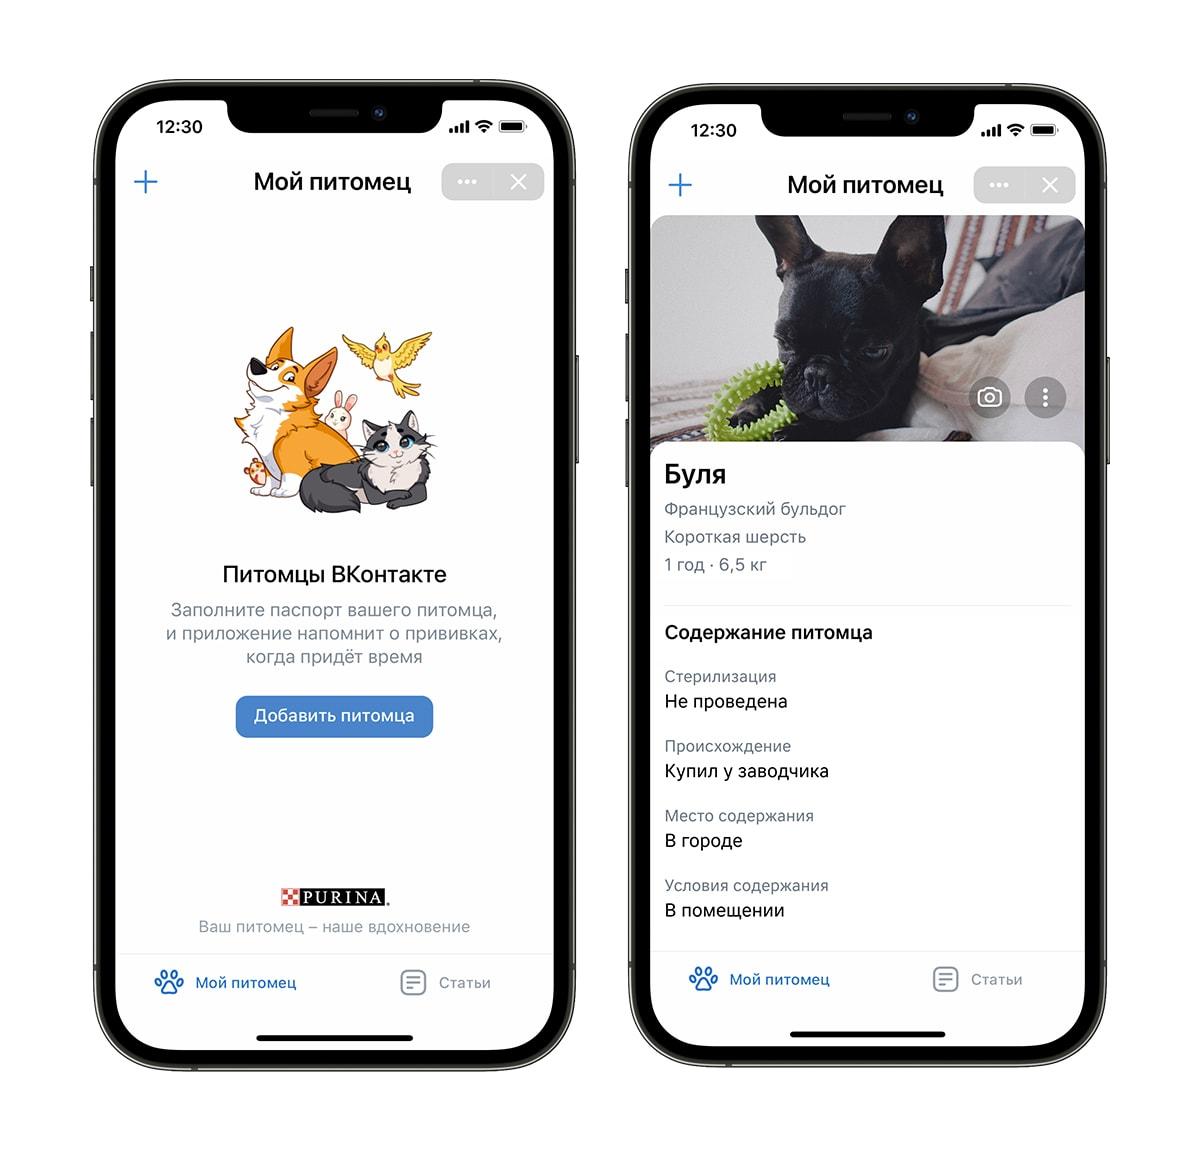 ВКонтакте появился новый сервис «Питомцы»